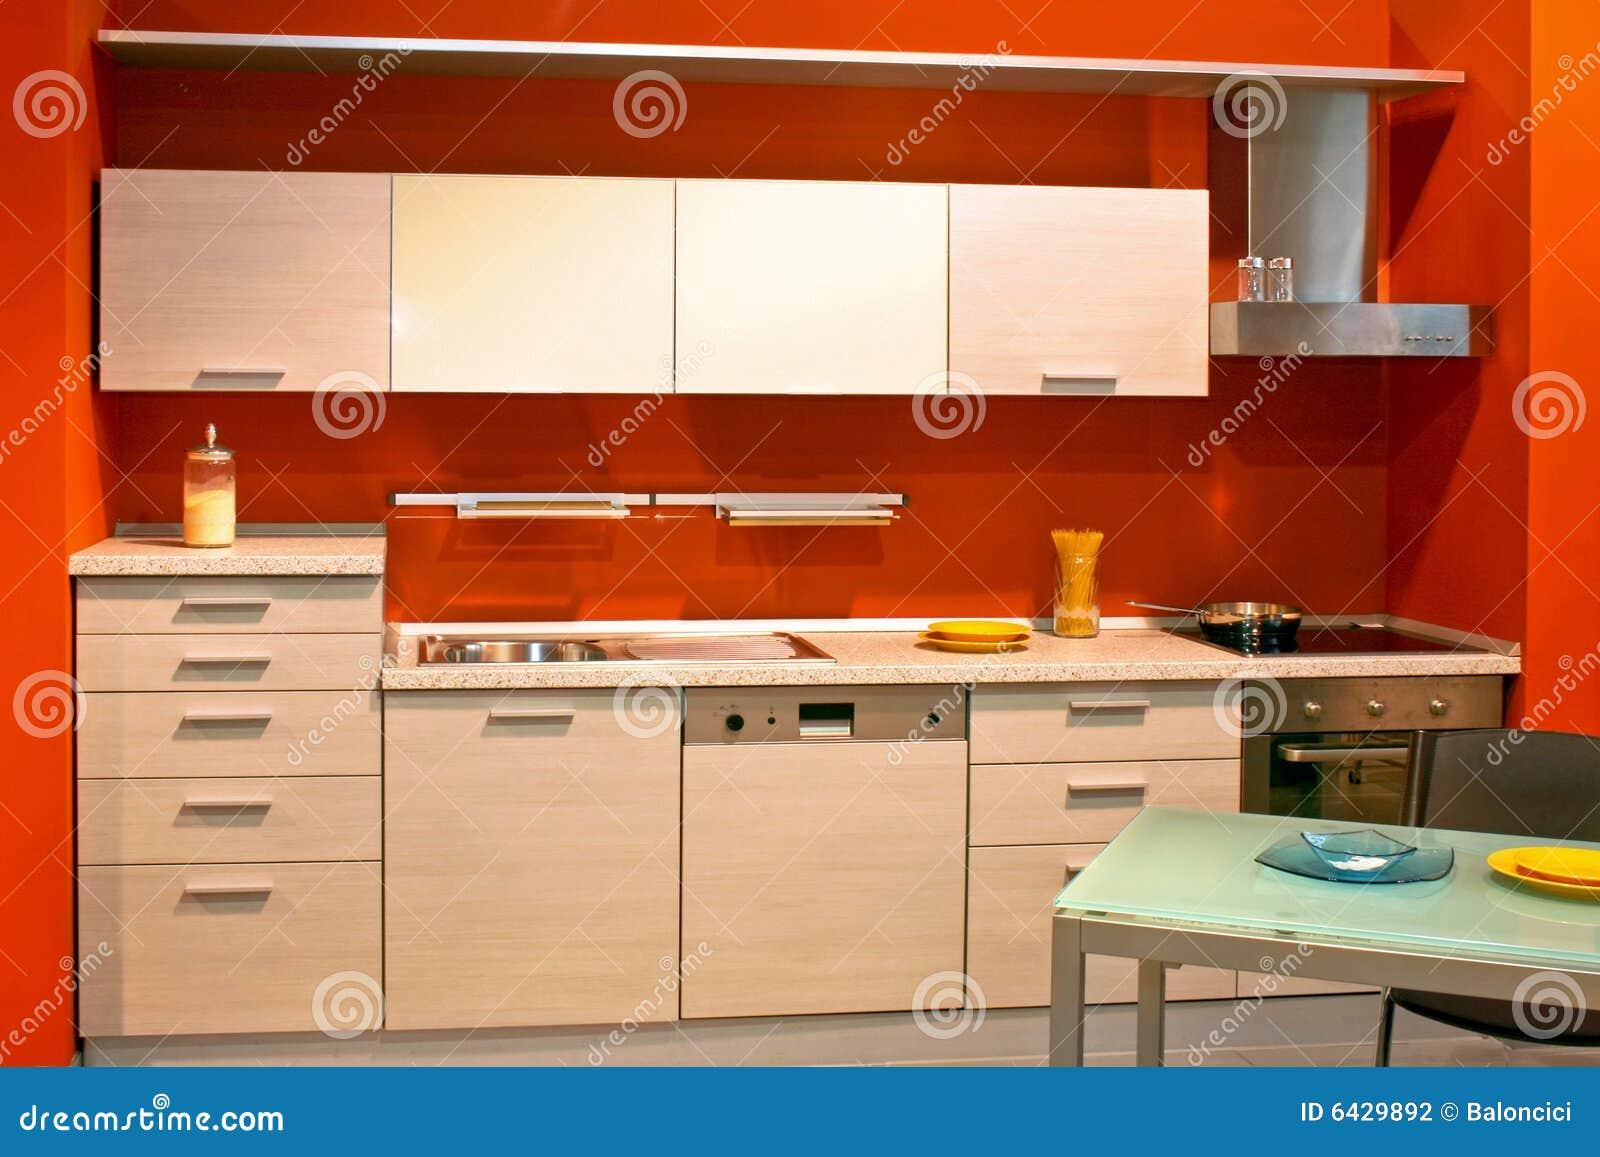 #C93502 Cozinha moderna pequena no apartamento vermelho da parede. 1300x957 px Planos De Cozinha_160 Imagens